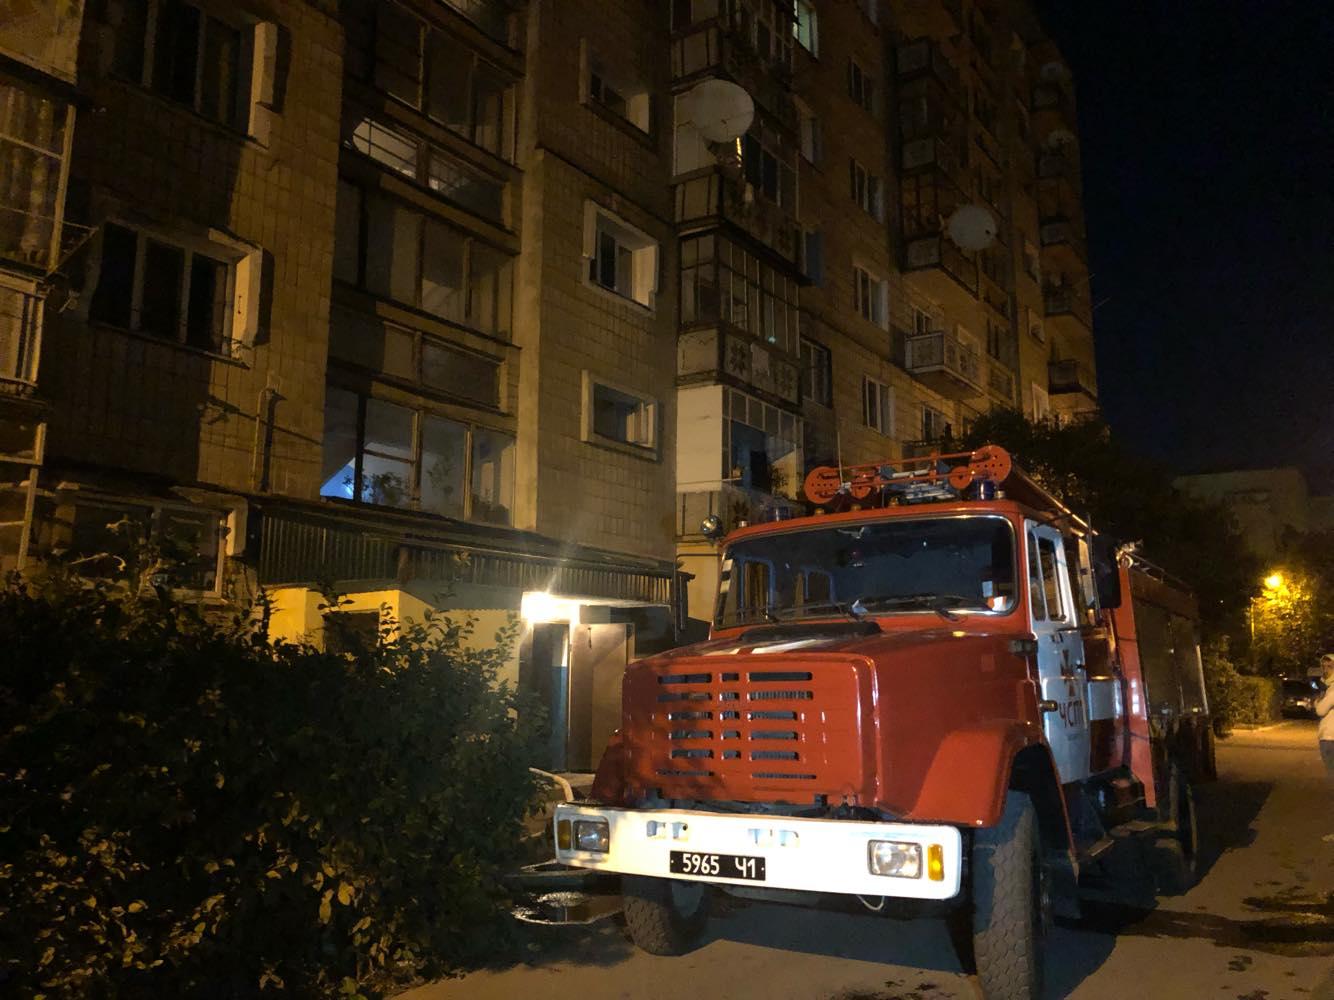 Вночі через пожежу у багатоповерхівці на Вовчинецькій евакуювали майже 30 людей (ФОТО)